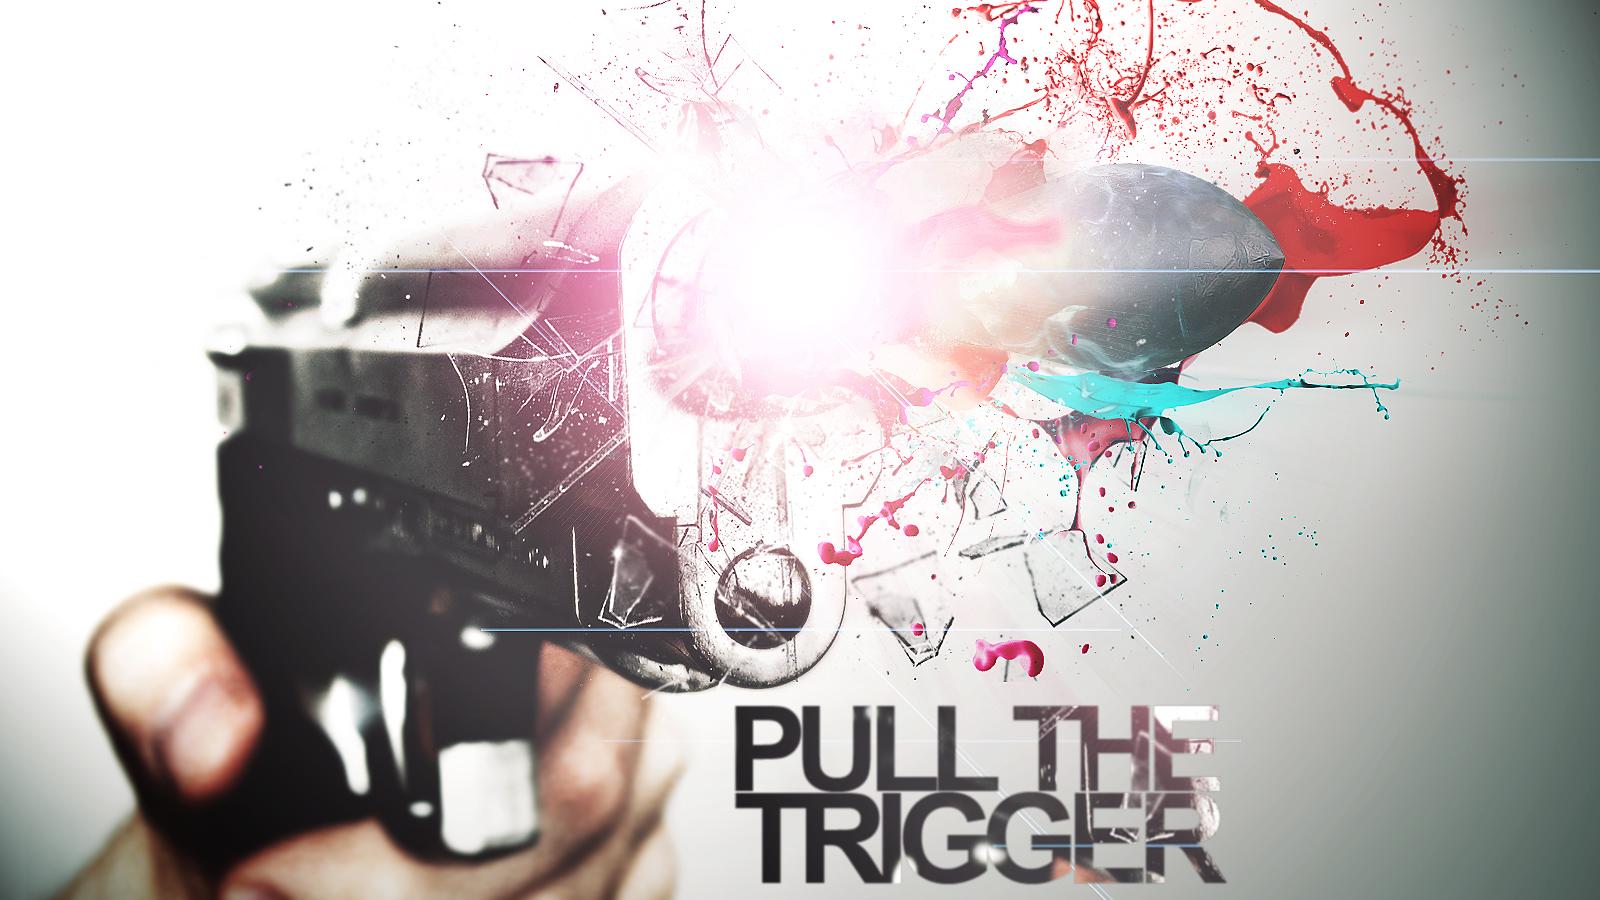 gun trigger wallpaper - photo #32